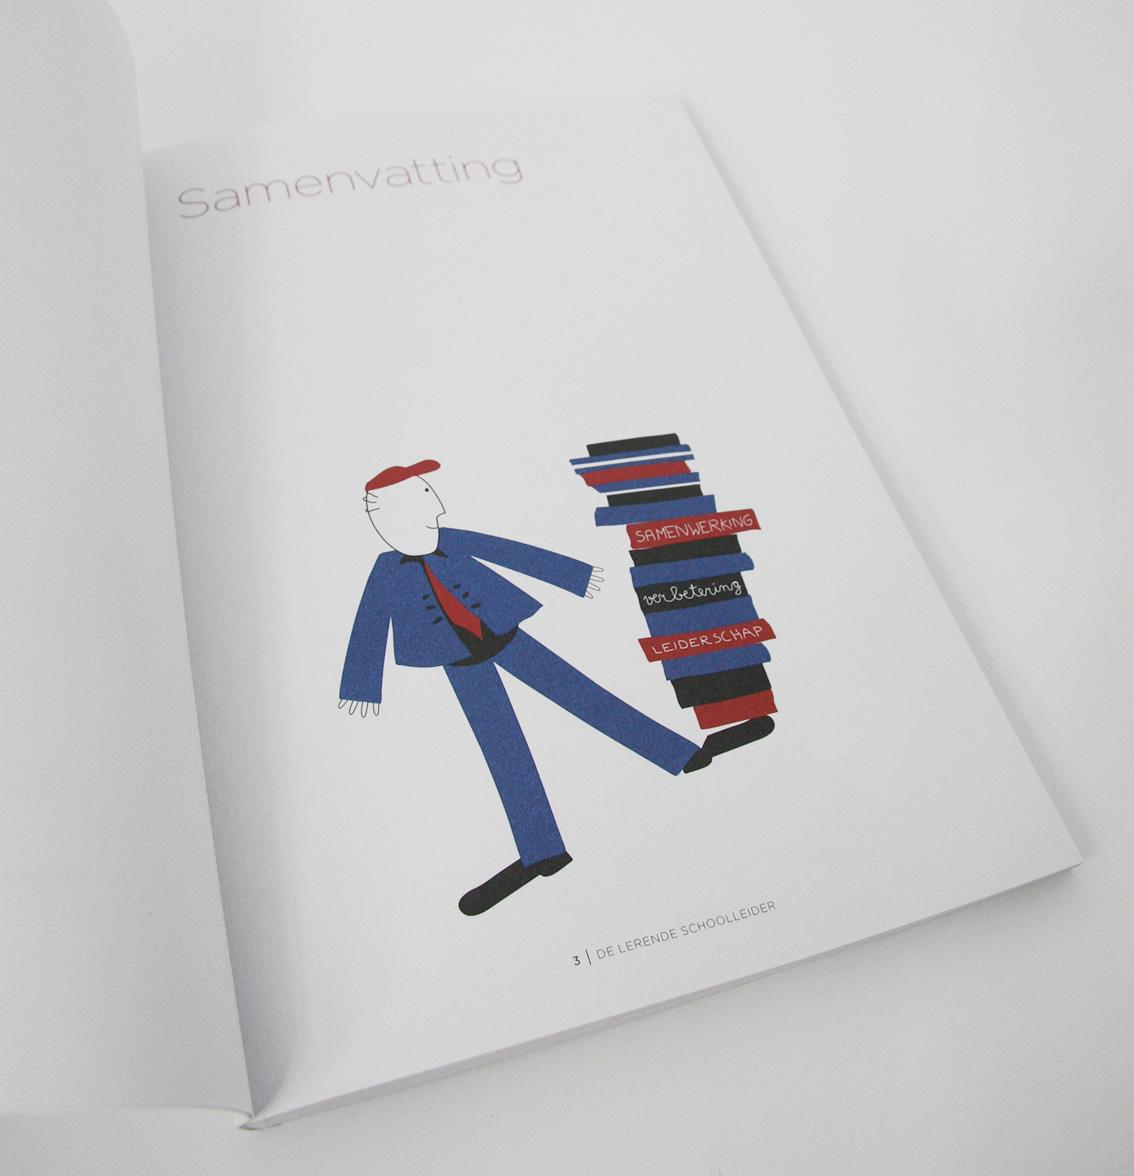 'De Lerende Schoolleider' illustratie bij de samenvatting